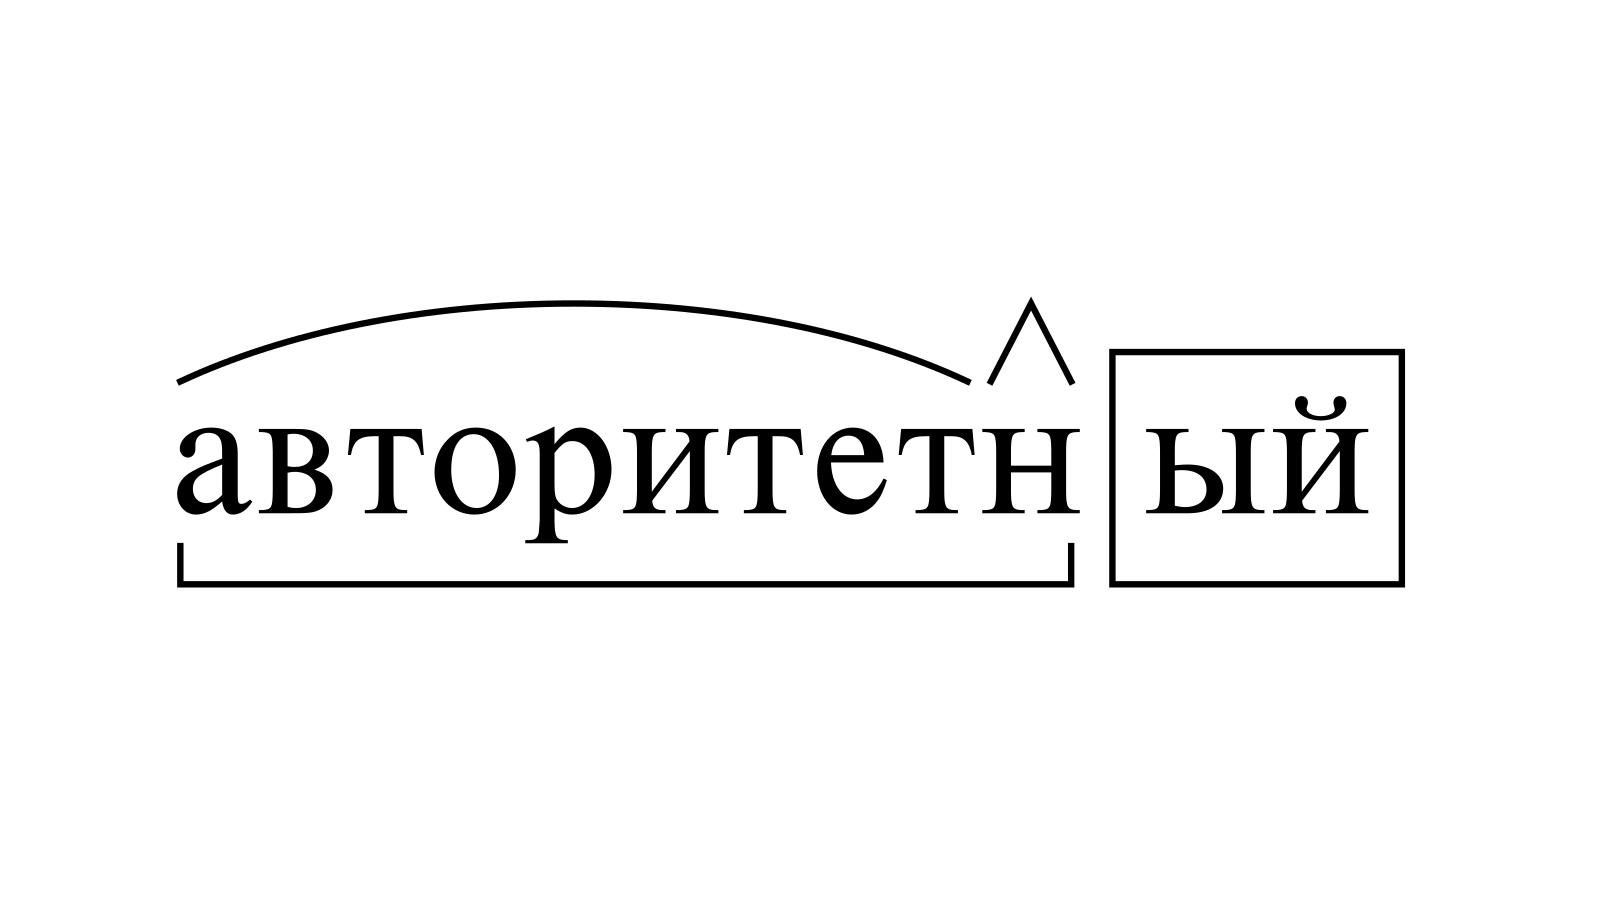 Разбор слова «авторитетный» по составу